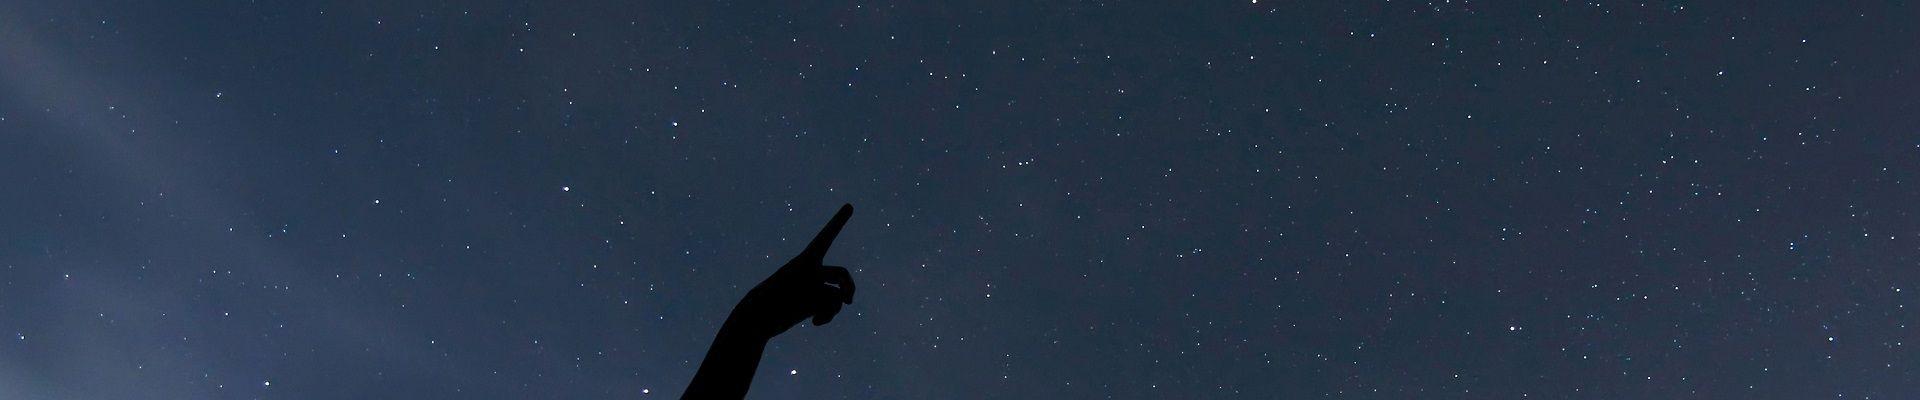 Sobald man eine Sternschnuppe entdeckt, darf man sich etwas wünschen. ©kmw.de